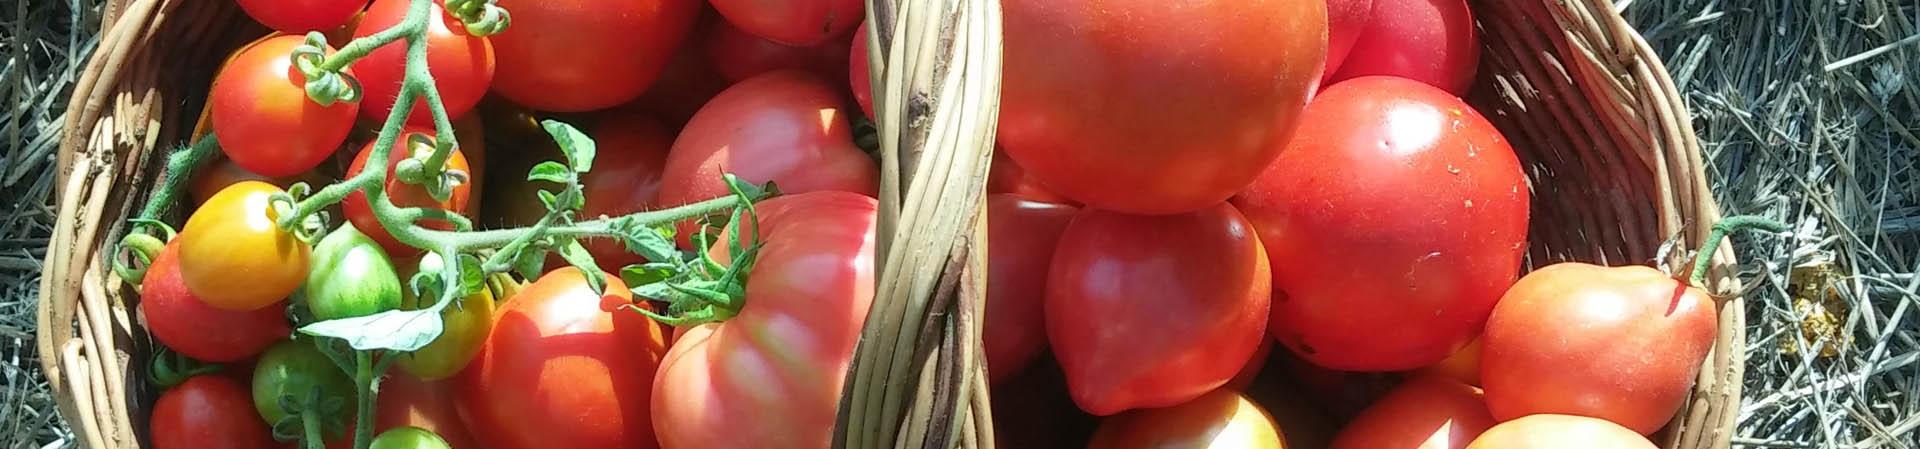 4-pomodori-dell-orto1